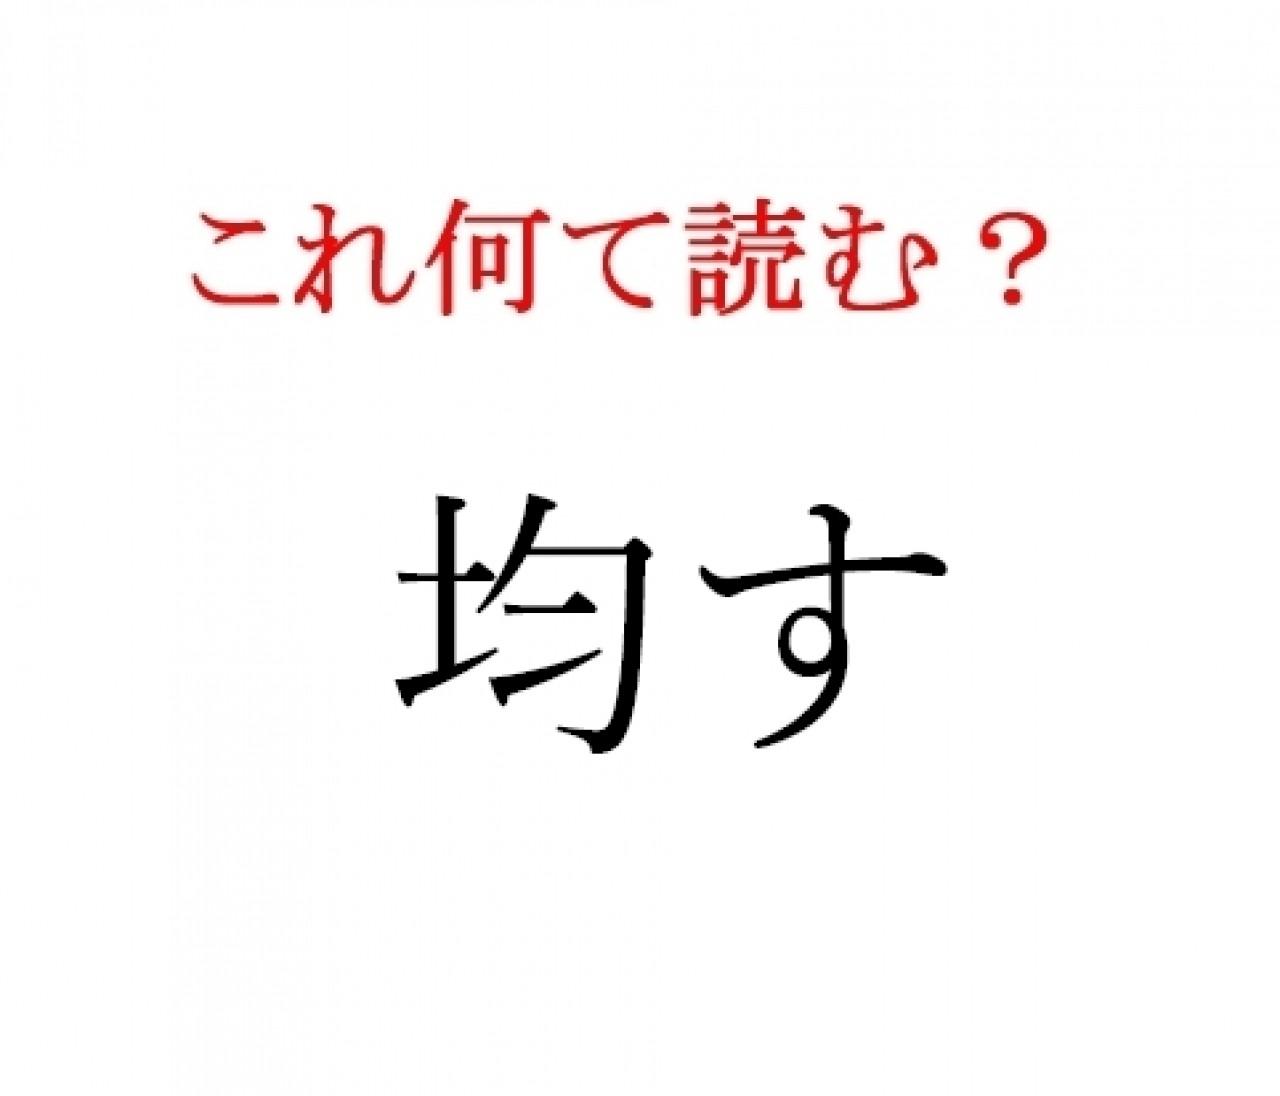 「均す」:この漢字、自信を持って読めますか?【働く大人の漢字クイズvol.2】